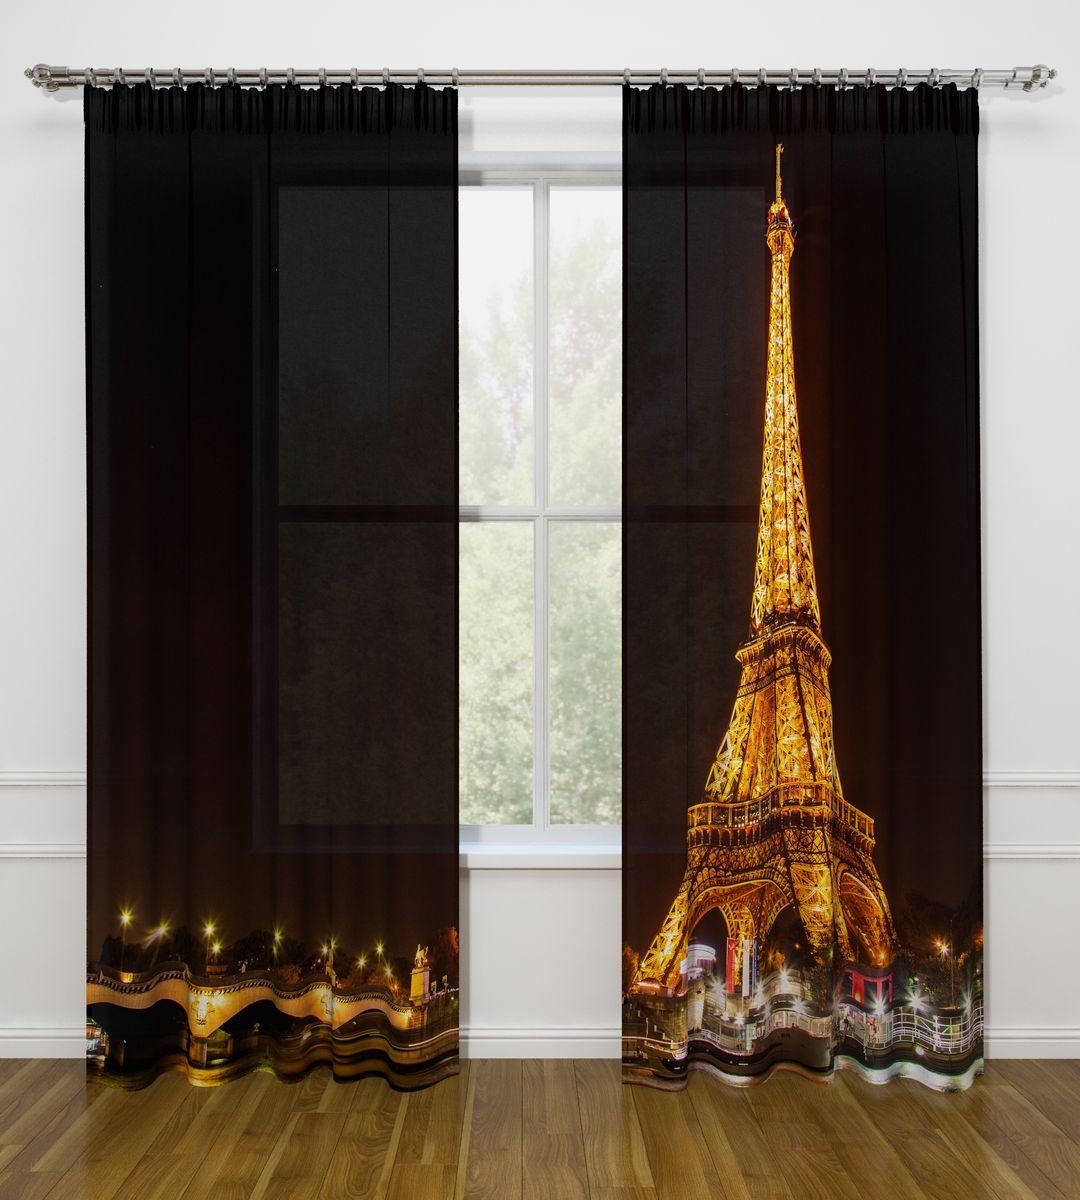 Комплект фотоштор Стильный дом Ночной Париж, на ленте, высота 260 смСД-03362-ФШ-ГБ-001Фотошторы Стильный дом из ткани Габардин (100% полиэстер) отлично дополнят дизайн любого интерьера. Габардин имеет небольшую плотность, ткань хорошо пропускает воздух и солнечный свет. Ткань хорошо держит форму, не требует специального ухода. Качественное изображение перенесенное на наши шторы будет радовать каждый день. При изготовлении фотоштор используются современные материалы и гипоаллергенные краски.Крепление на карниз при помощи шторной ленты на крючки. Удобство монтажа - регулируемая высота без подшива с помощью клеевой ленты. В комплекте: 2 портьера: 145 х 260 см. Клеевая паутинка: 1шт. Инструкция для регулировки высоты штор.Рекомендации по уходу: стирка при 30 градусах, гладить при температуре до 110 градусов. Изображение на мониторе может немного отличаться от реального.